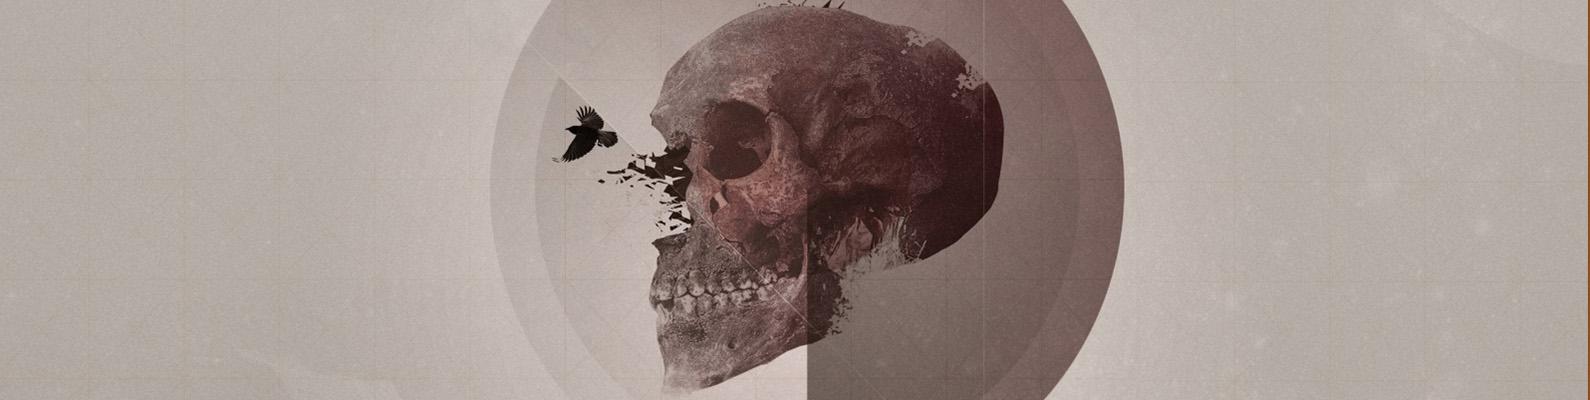 Картинки для обложки группы в ВК - скачать бесплатно, самые красивые 5